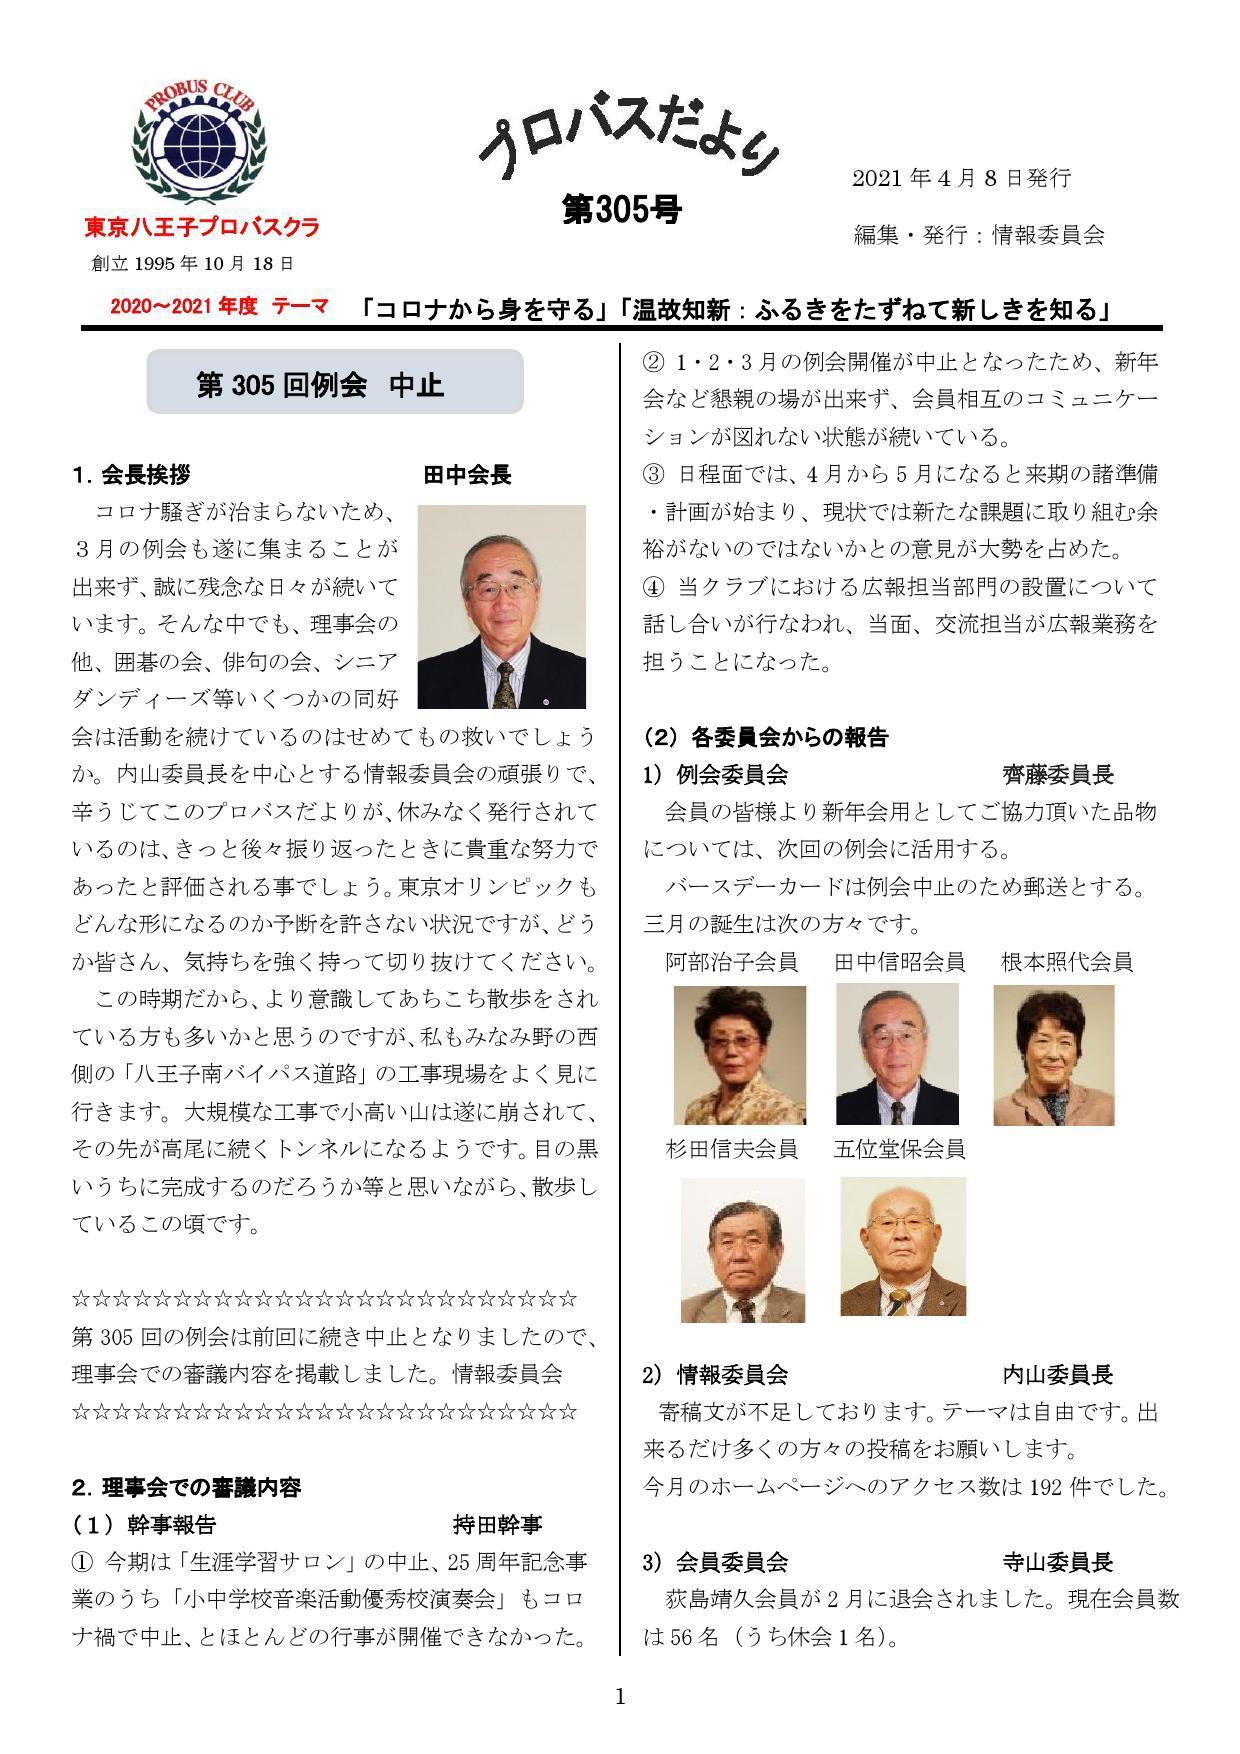 東京八王子プロバスクラブ プロバスだより第305号 2021年4月8日 _b0000714_15503265.jpg